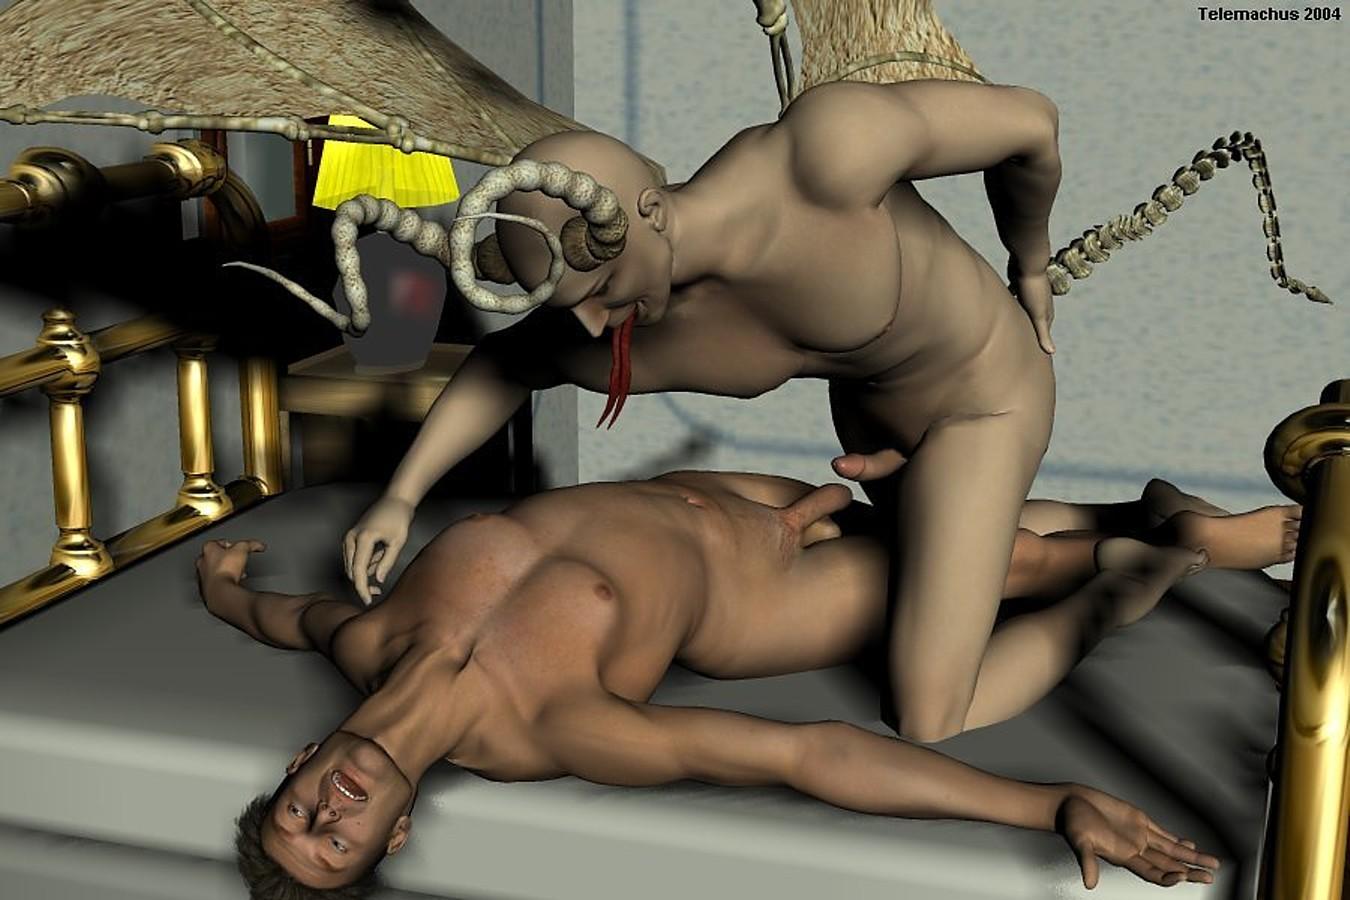 Hentai mobile incubus porn xxx thumbs